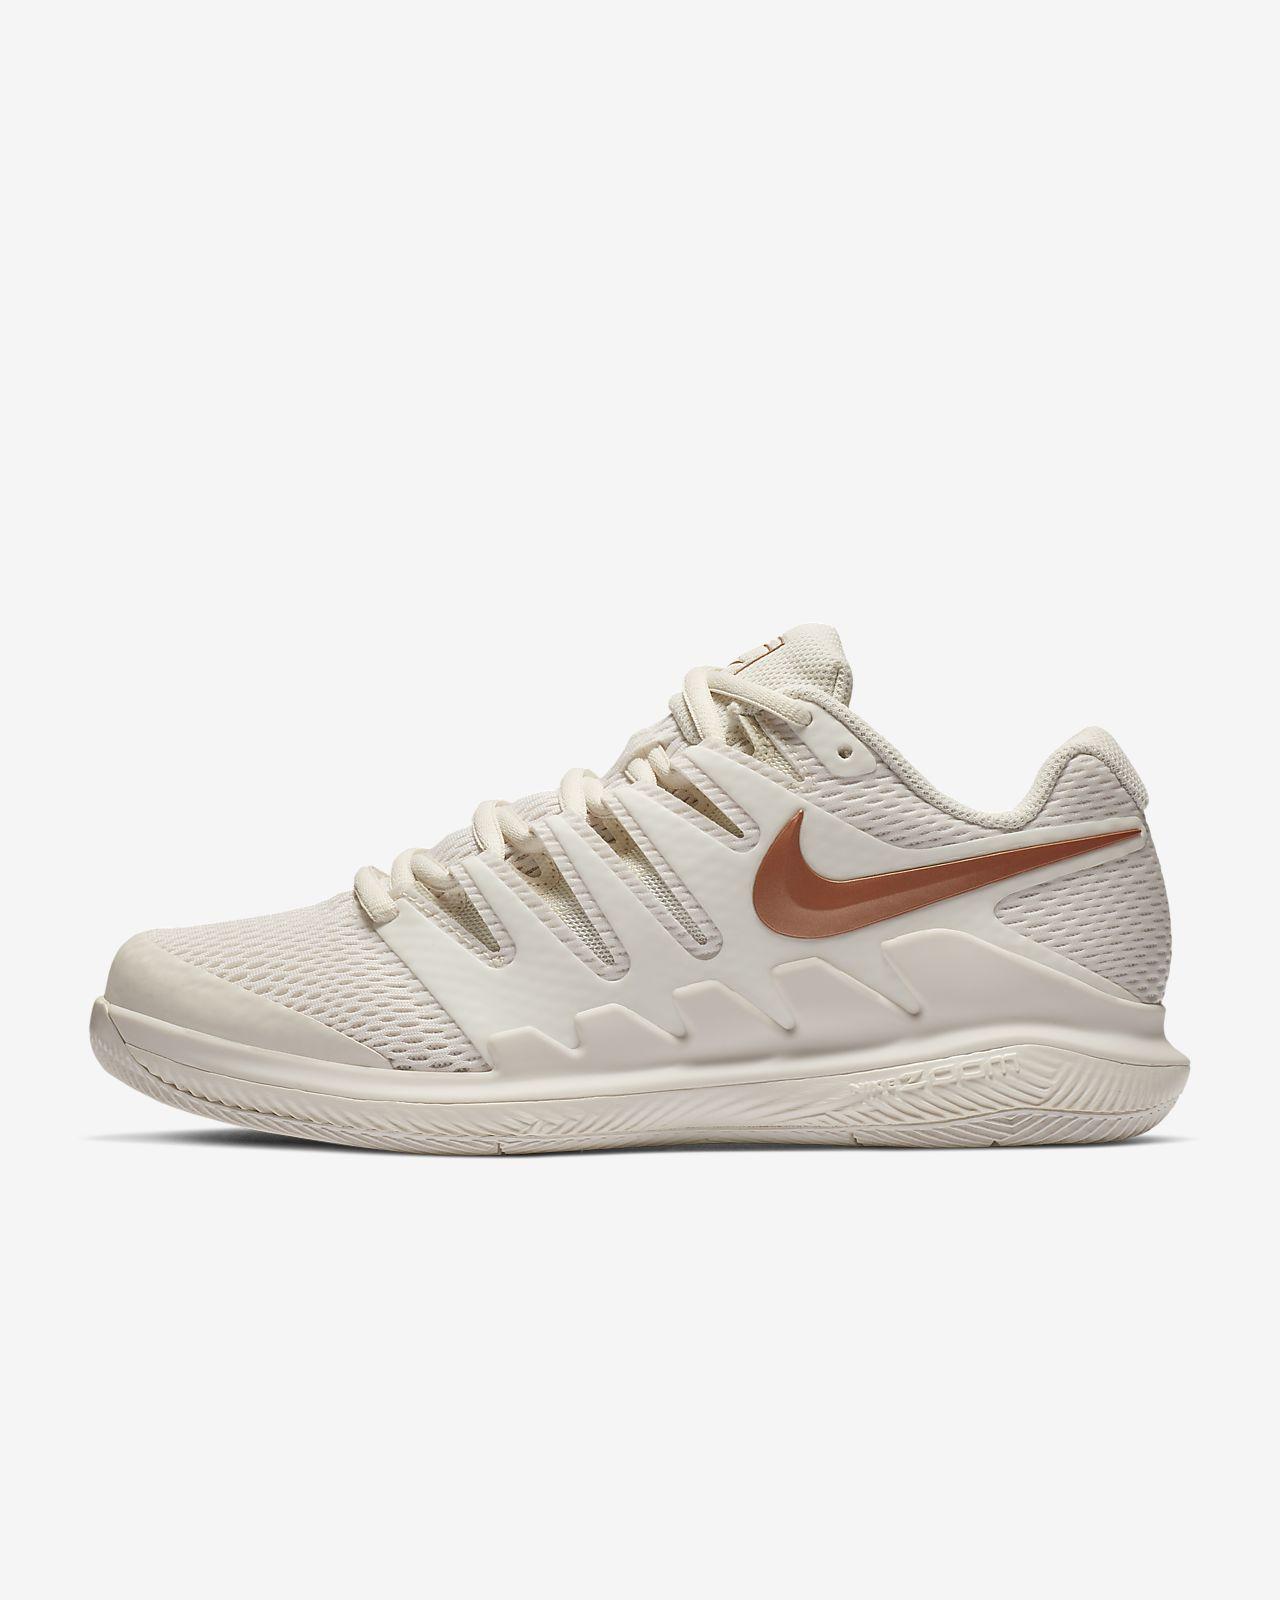 Pour Dure De X Surface Zoom Air Chaussure Tennis Nikecourt Vapor cEHqIOP 1f8af805e431